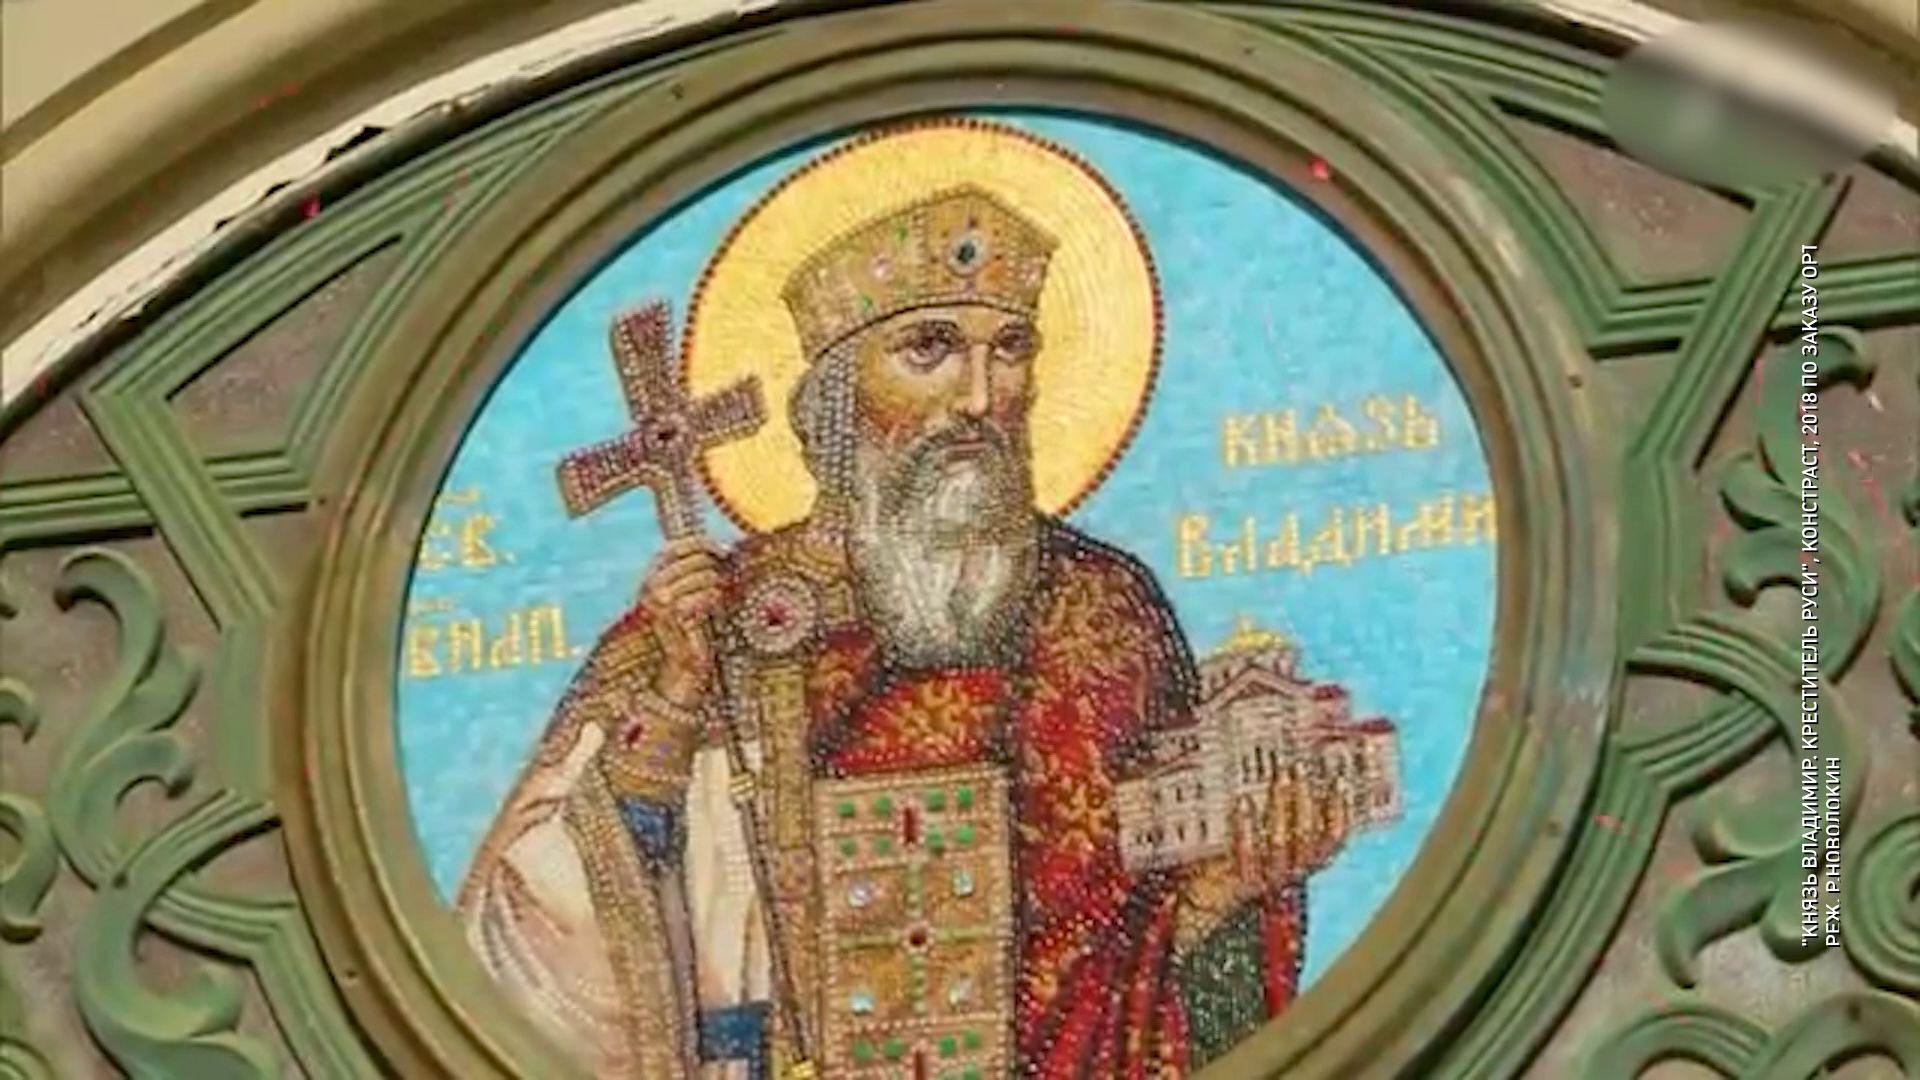 Сегодня празднуется День Крещения Руси